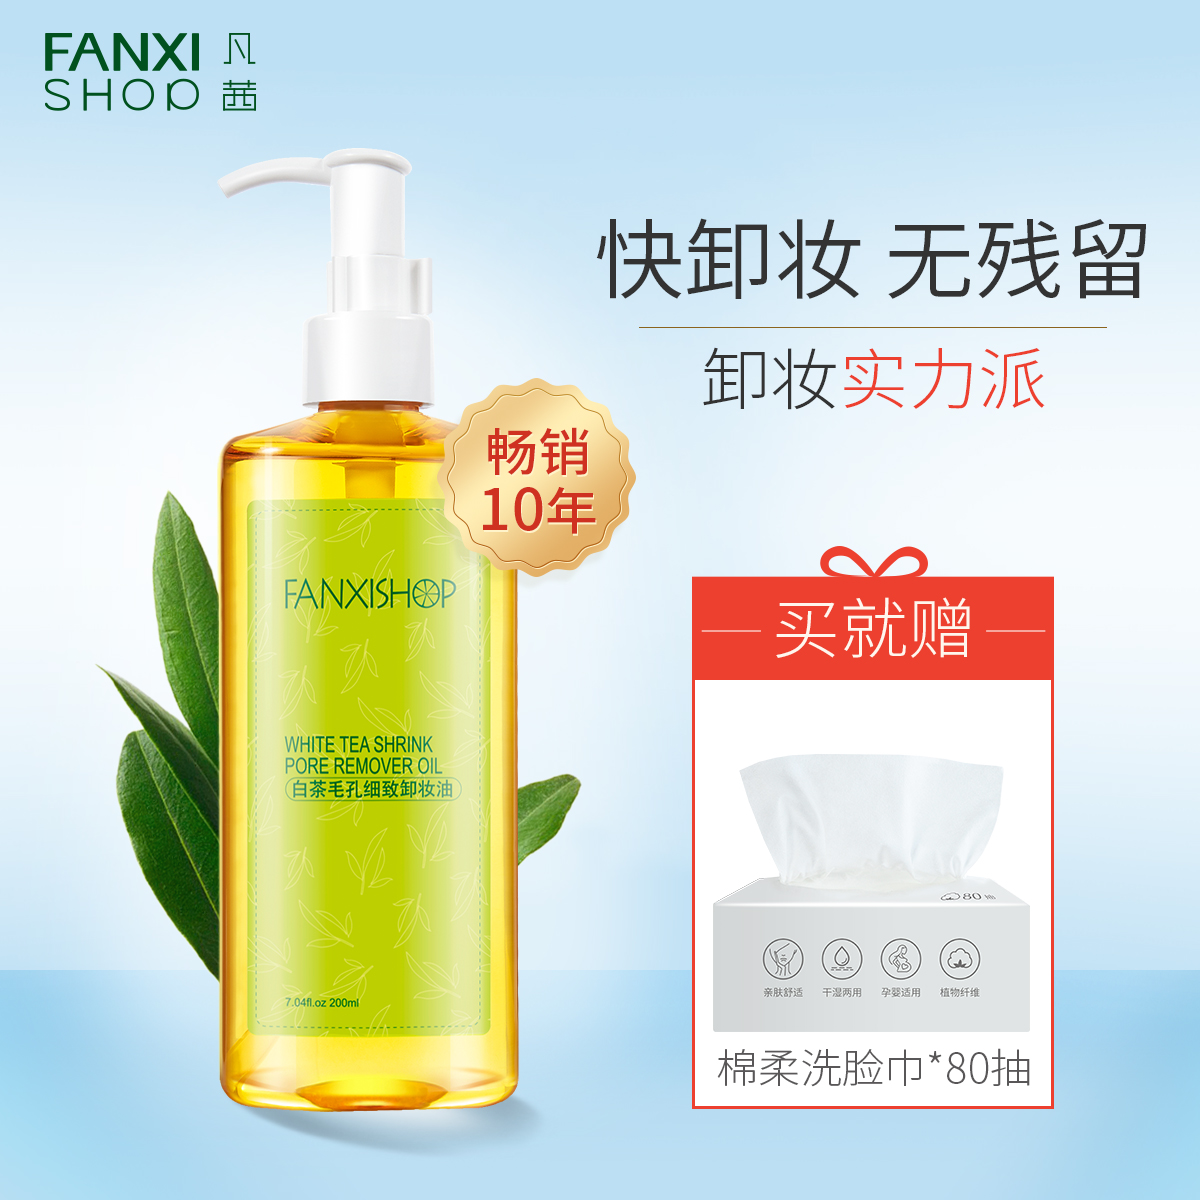 凡茜白茶卸妆油正品卸妆水女脸部温和深层清洁毛孔无刺激卸妆乳液